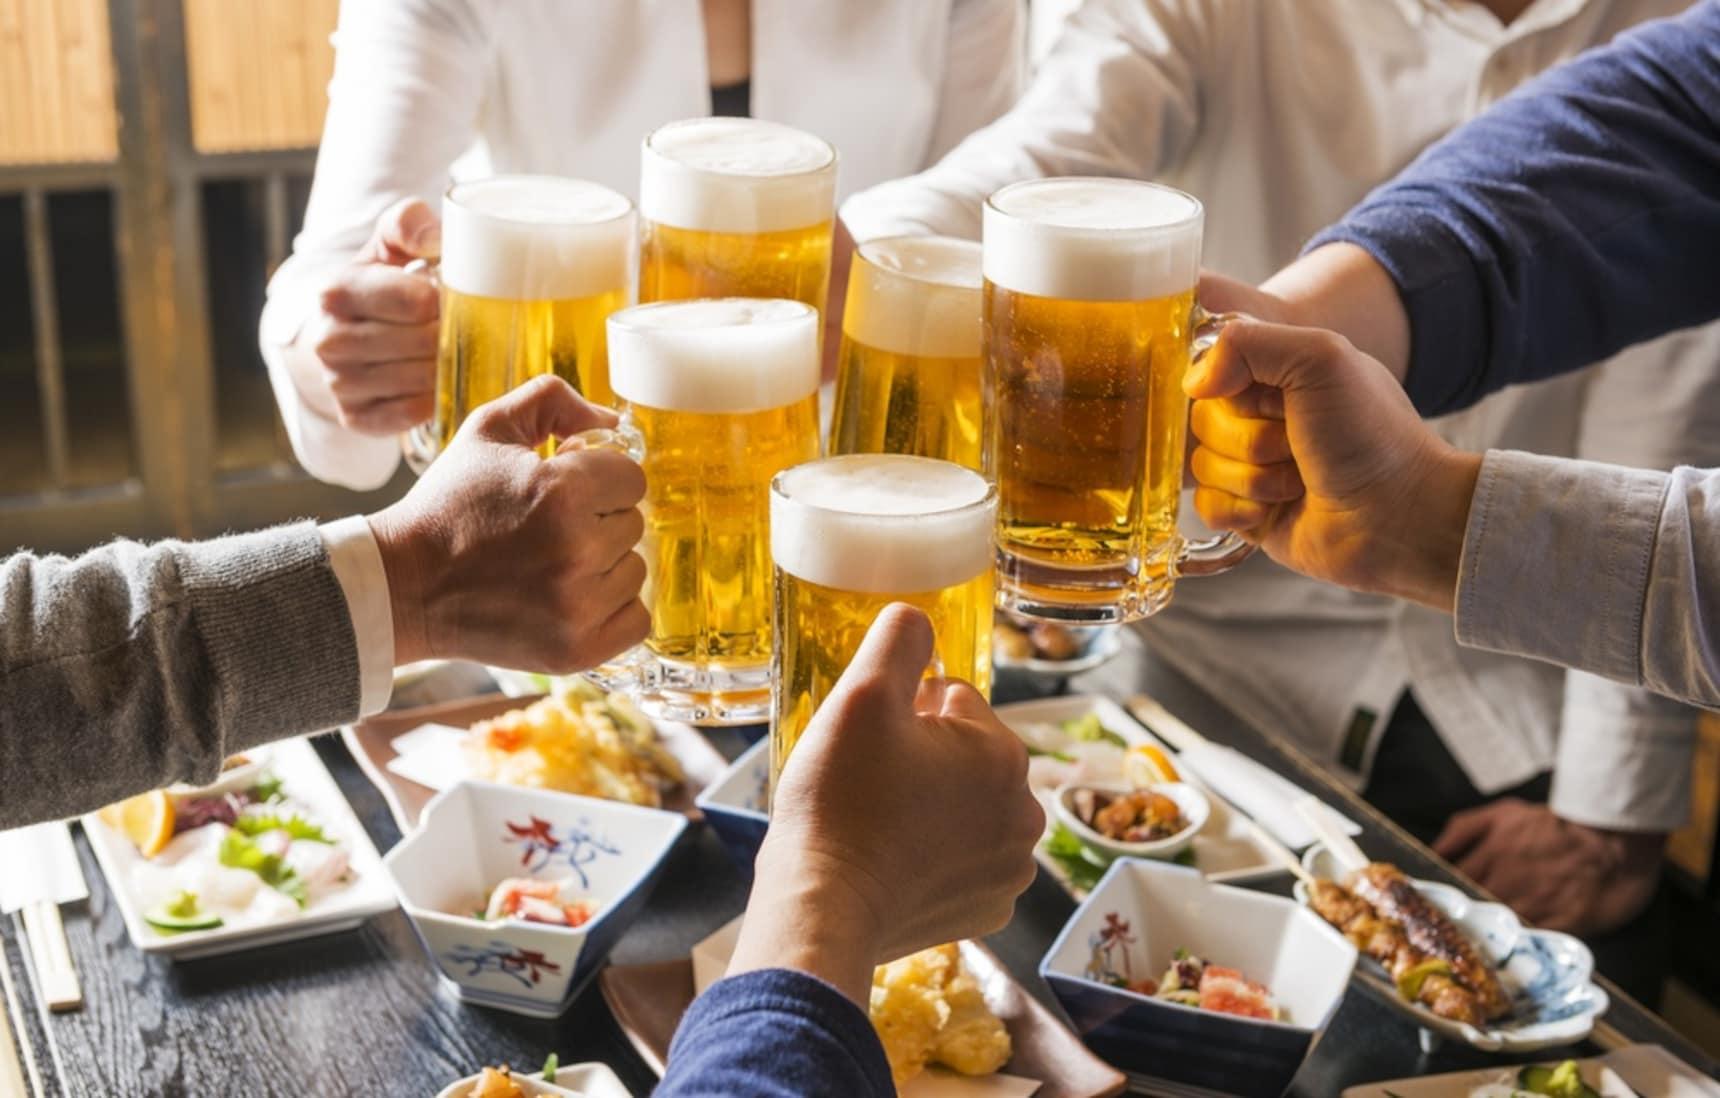 美食無罪自然享瘦!日本居酒屋吃喝不怕胖法則